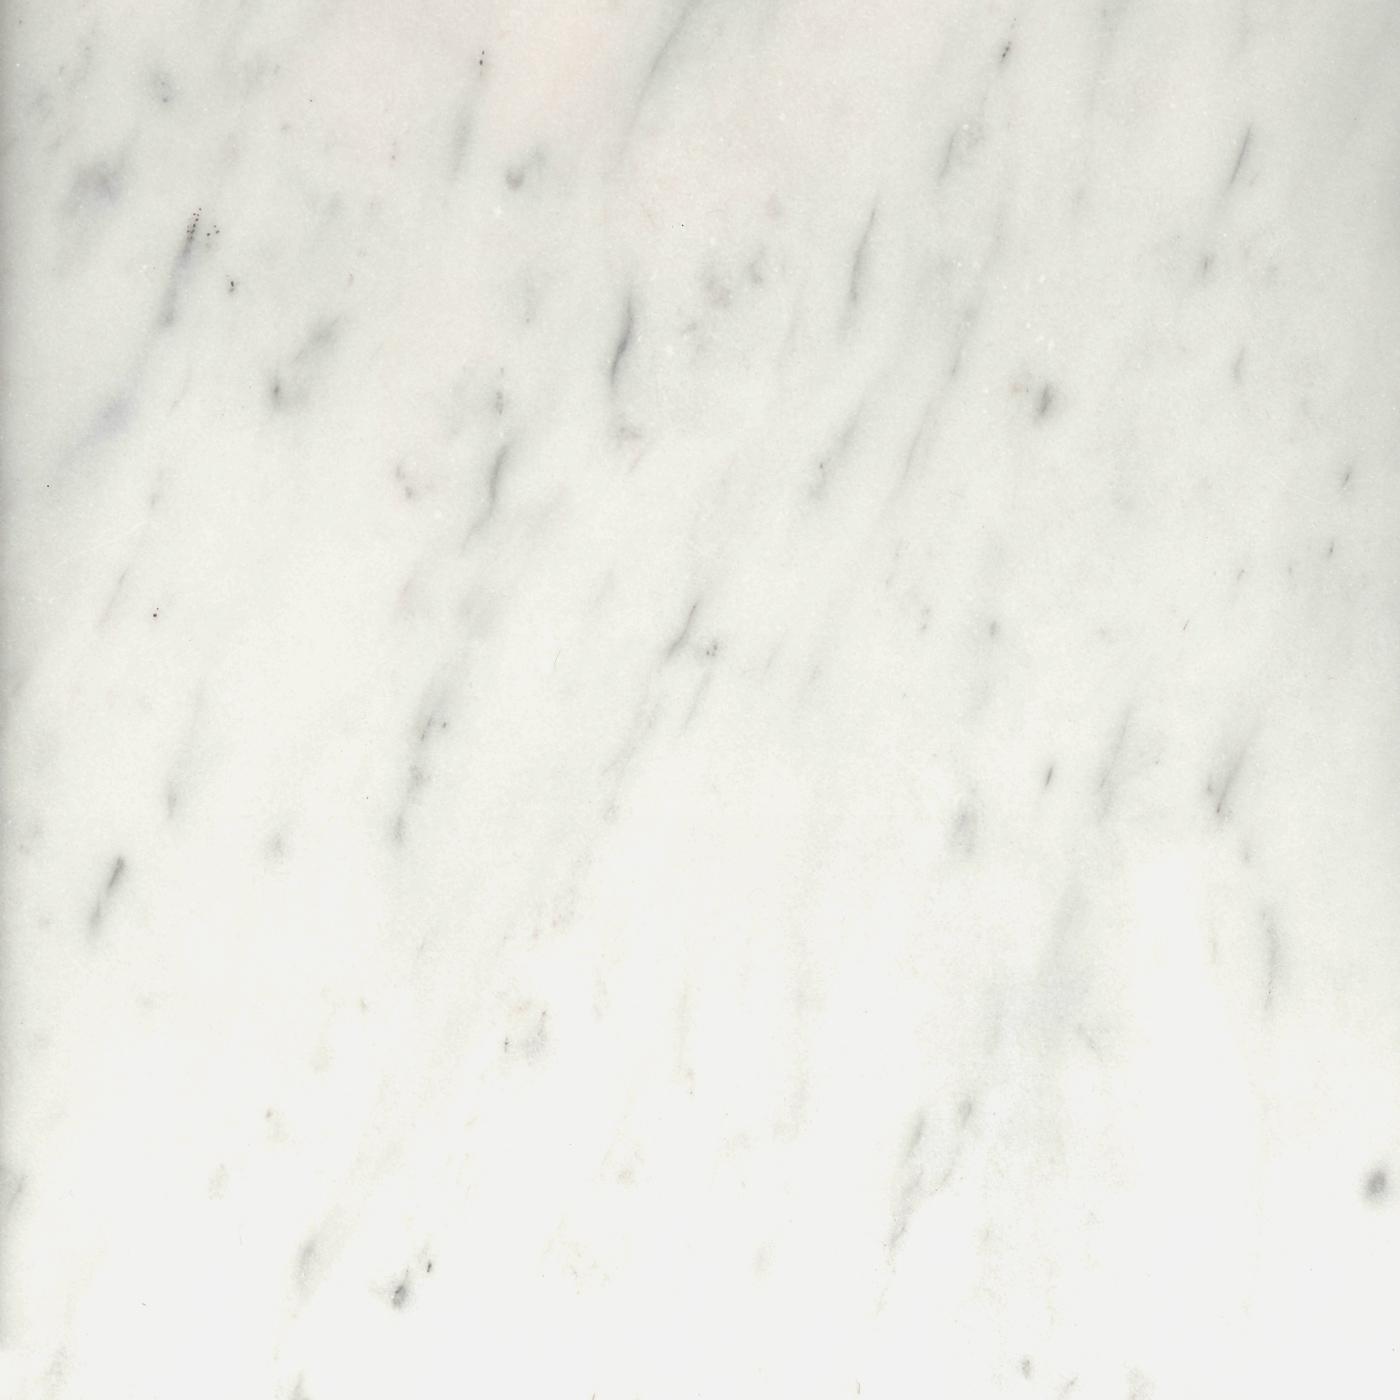 Мрамор коелга купить недорогие гранитные памятники 6 Выборгская